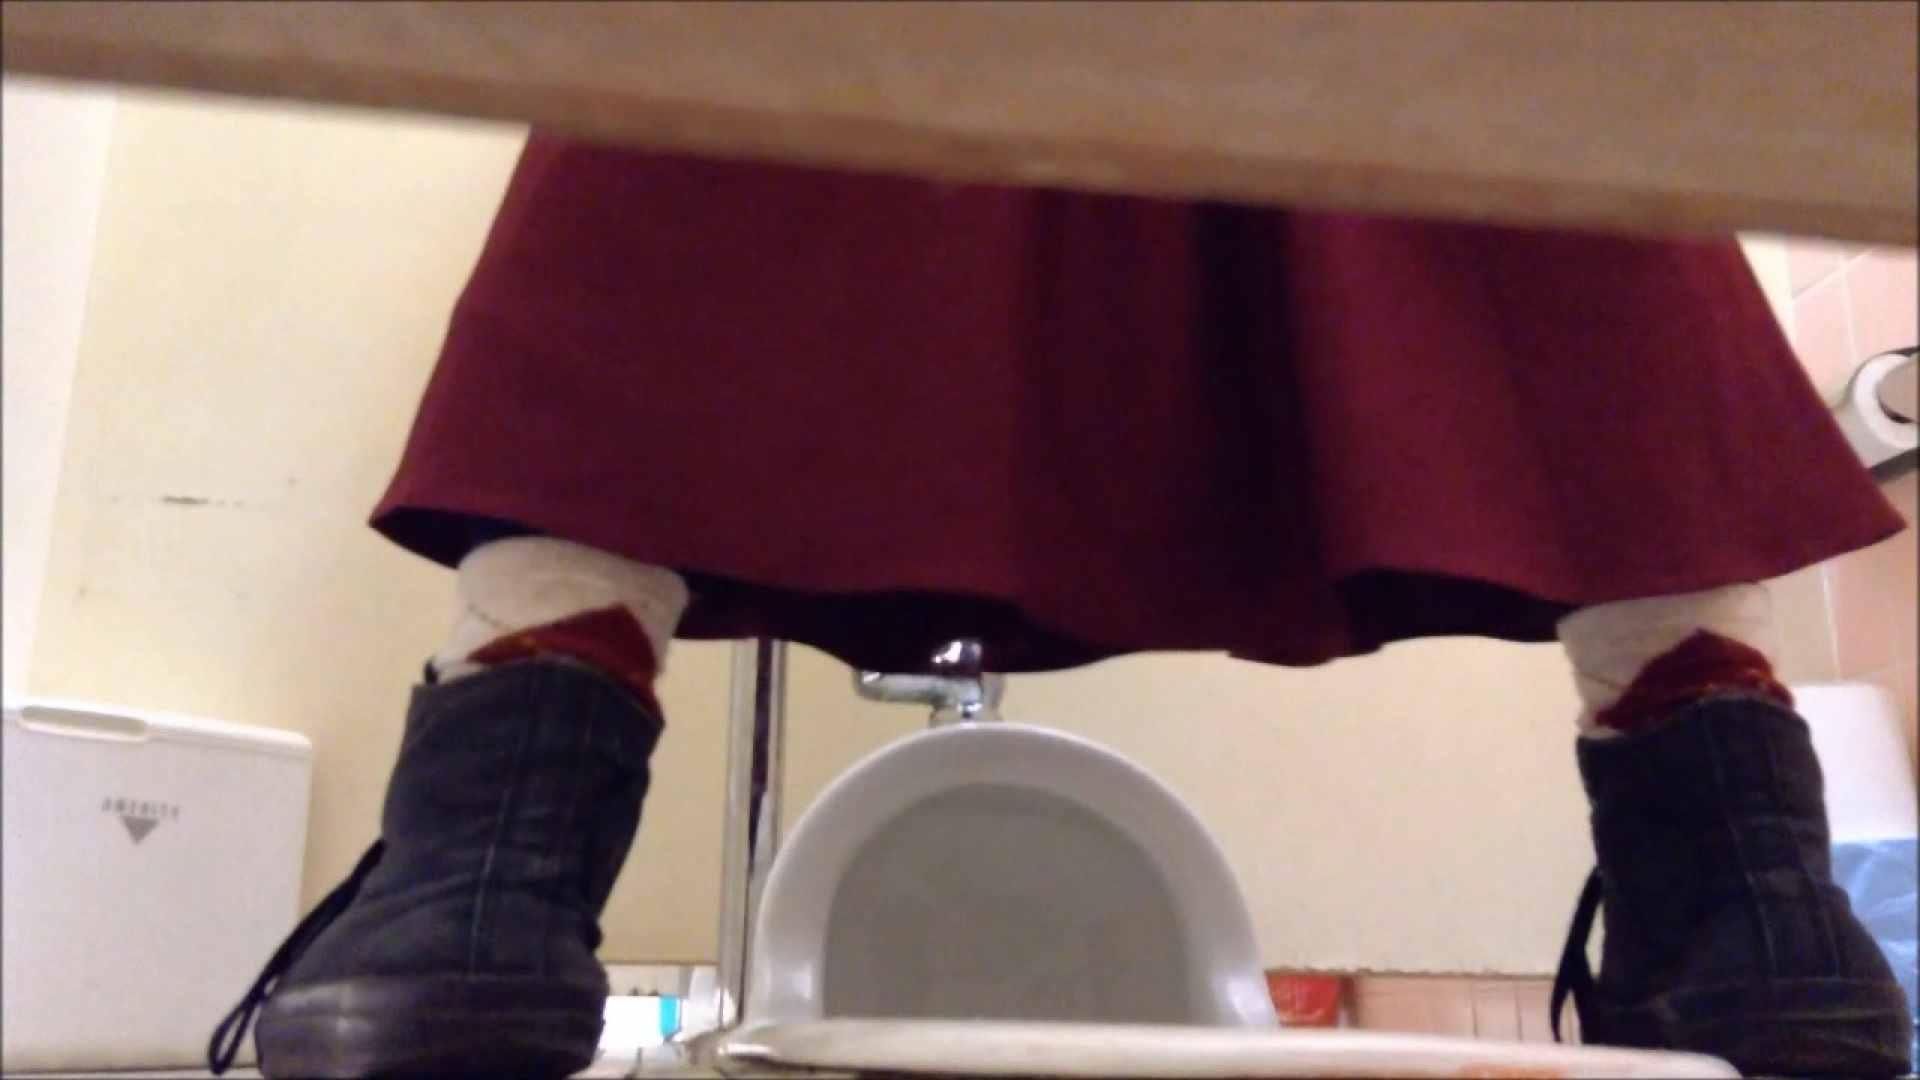 某有名大学女性洗面所 vol.09 洗面所着替え   リアルすぎる排泄  74連発 25